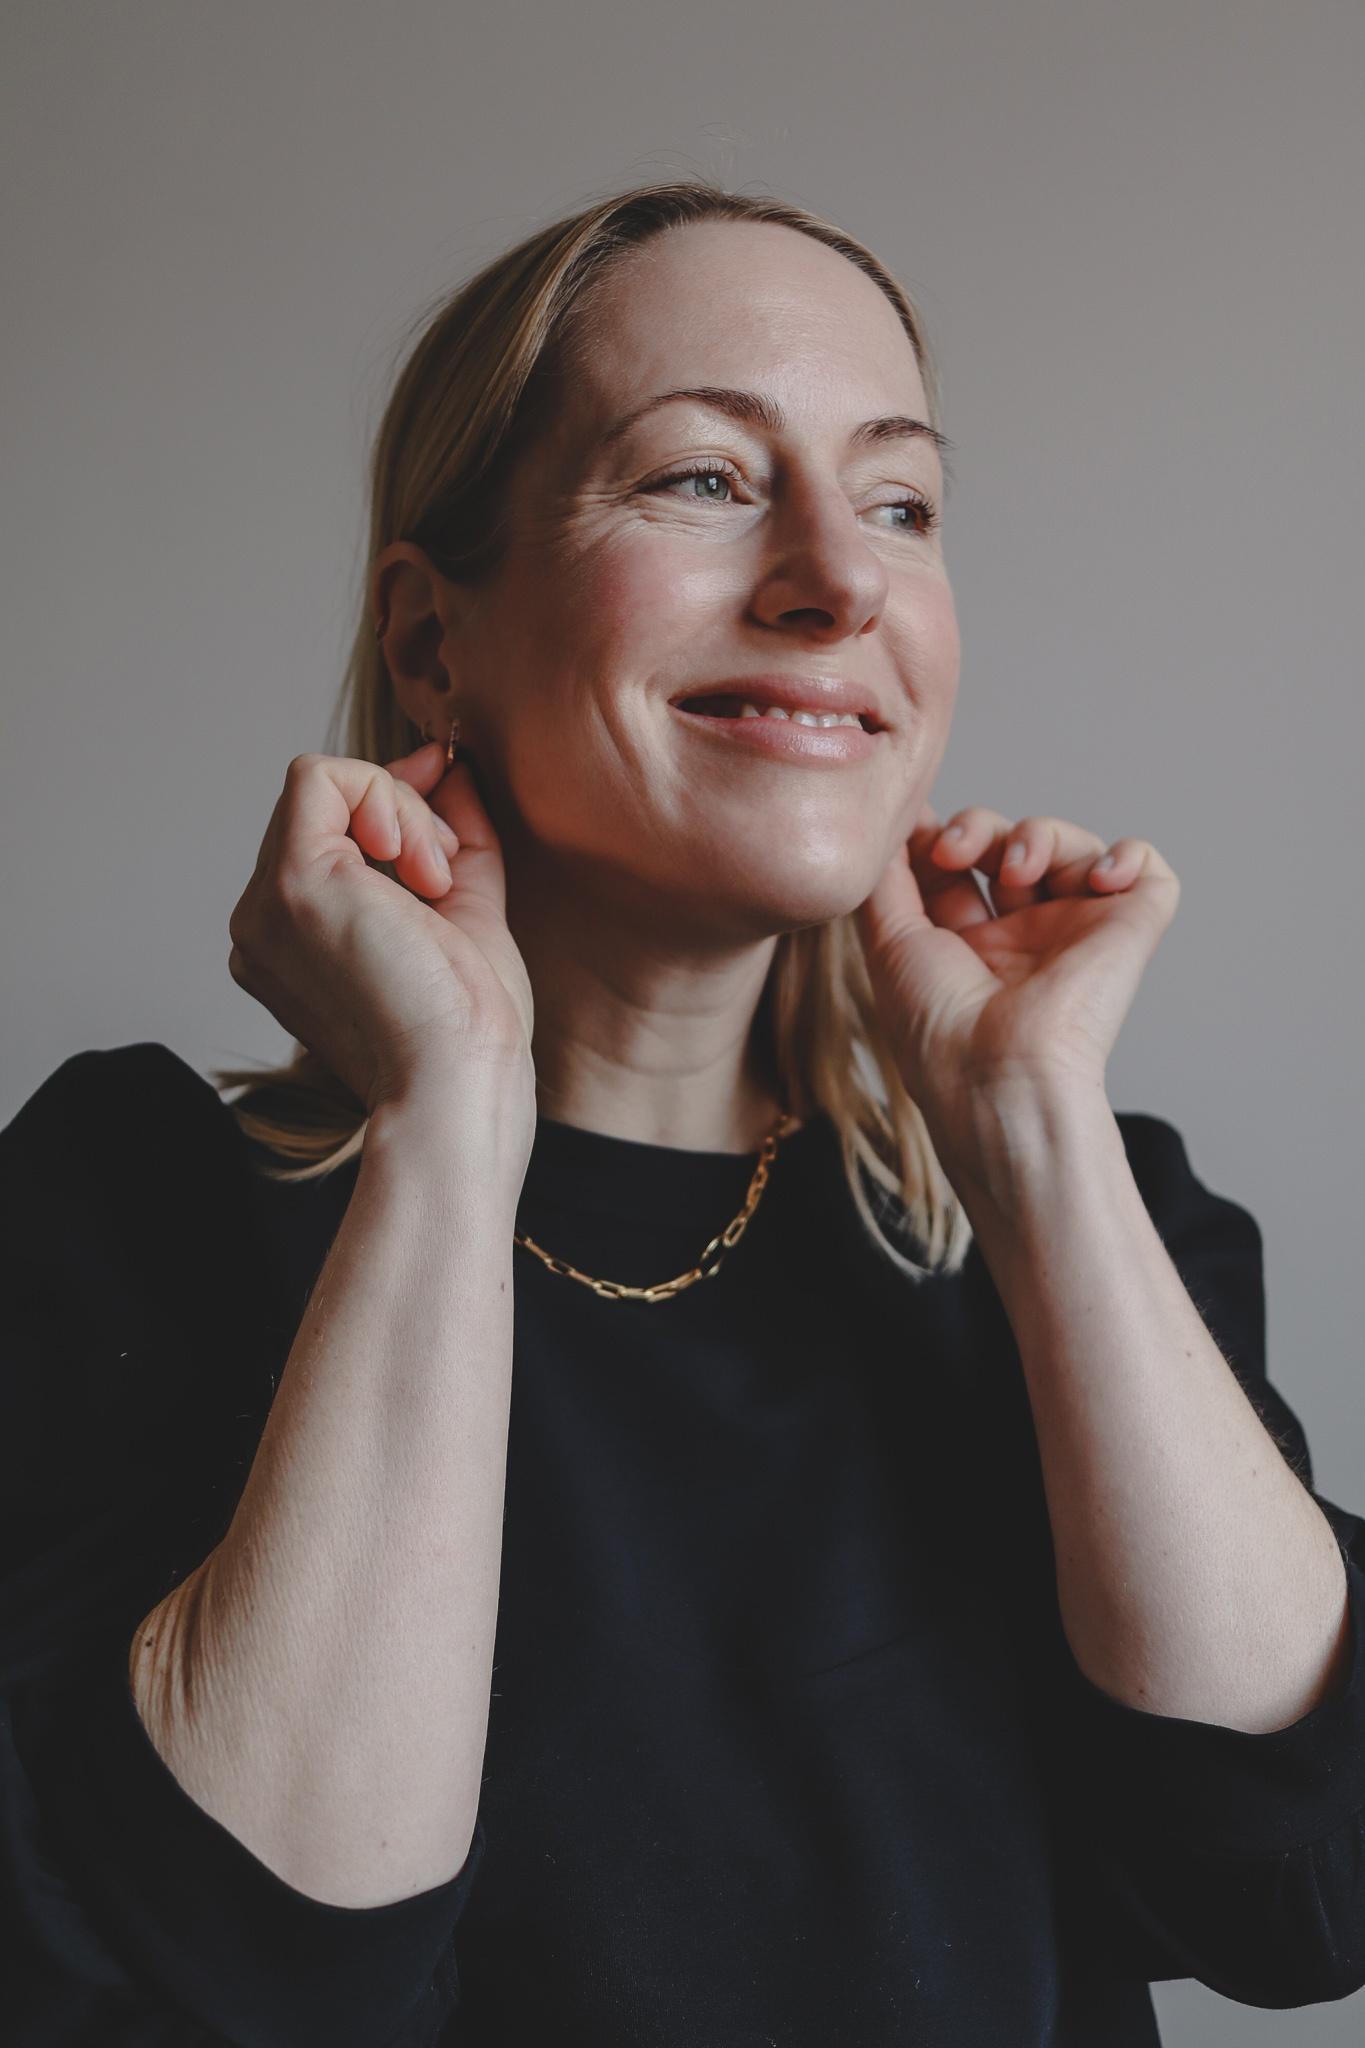 Schmuckis aufgepasst: Für Mosuo Jewellery sind wir Frauen alle Königinnen